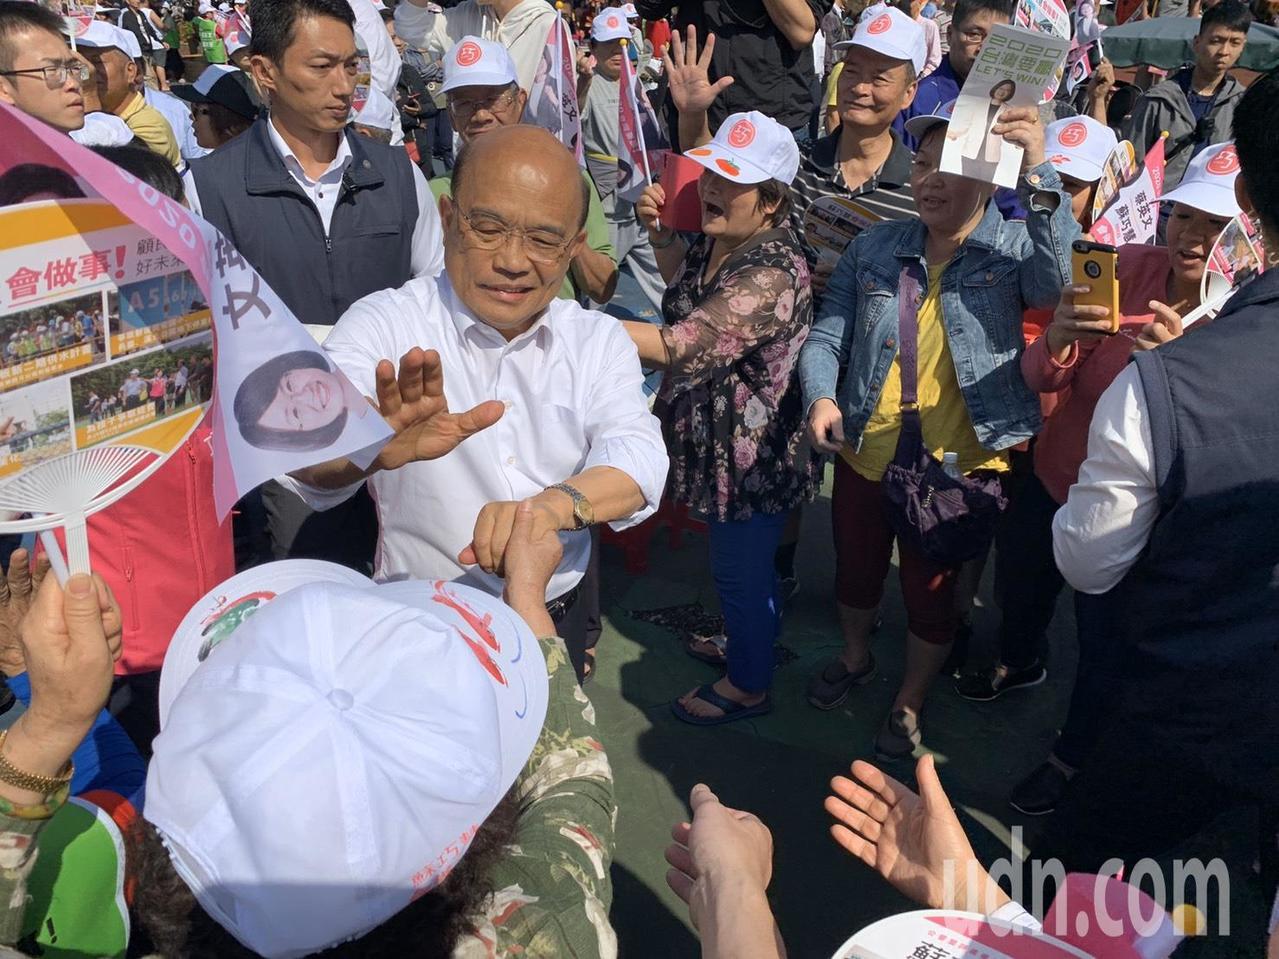 蘇貞昌稍早抵達現場,在支持者歡呼下大進場。記者張曼蘋/攝影